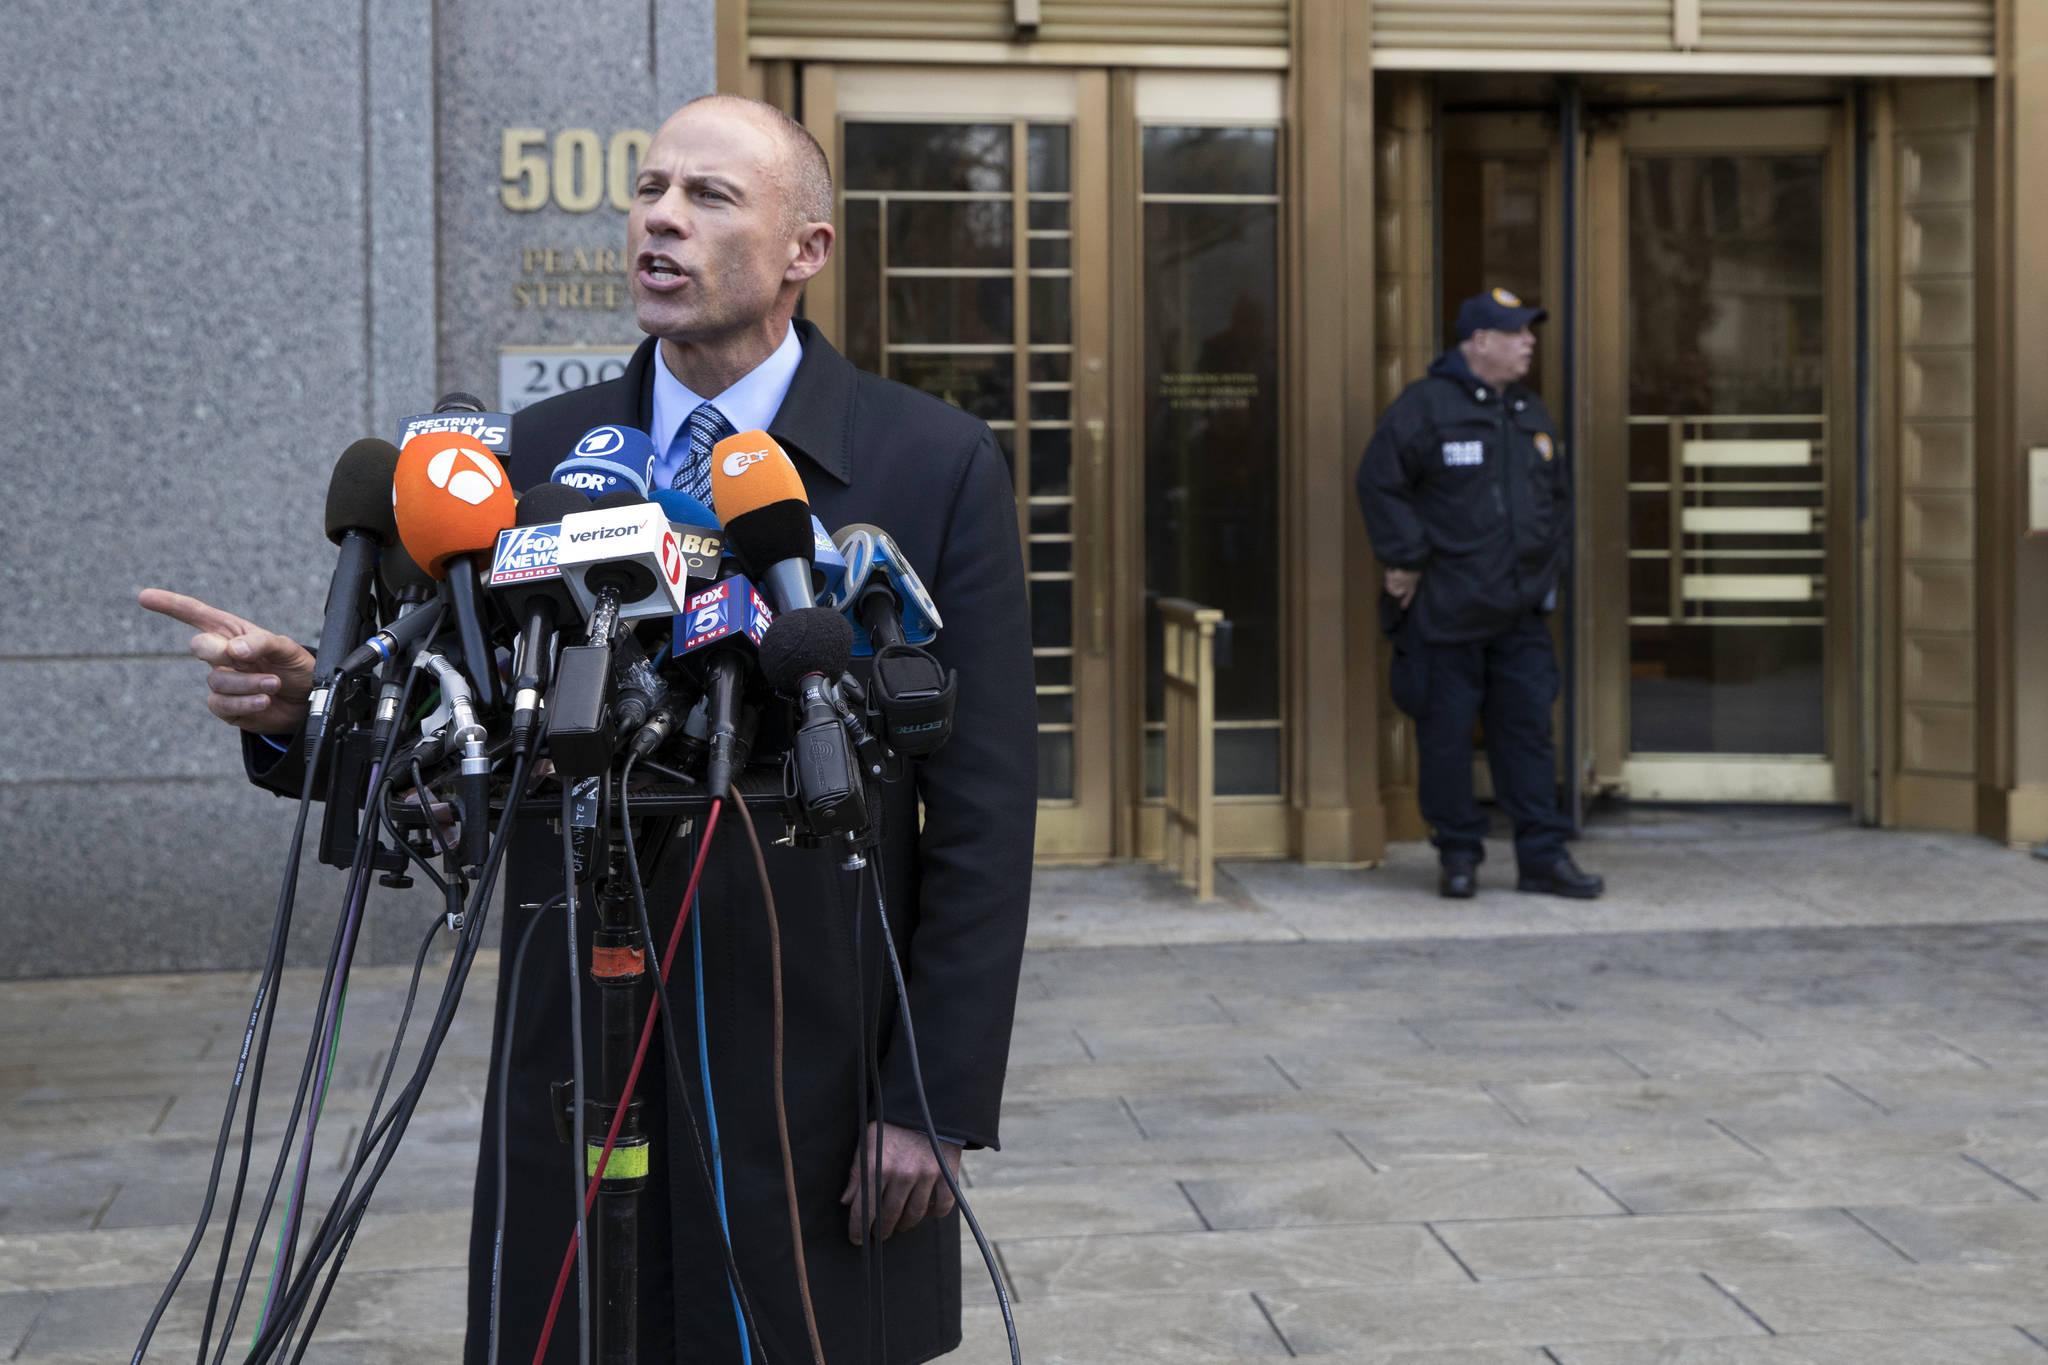 대니얼스의 변호사 마이클 아베나티가 법원에 모인 취재진들 앞에서 발언을 하고 있다. [AP=연합뉴스]